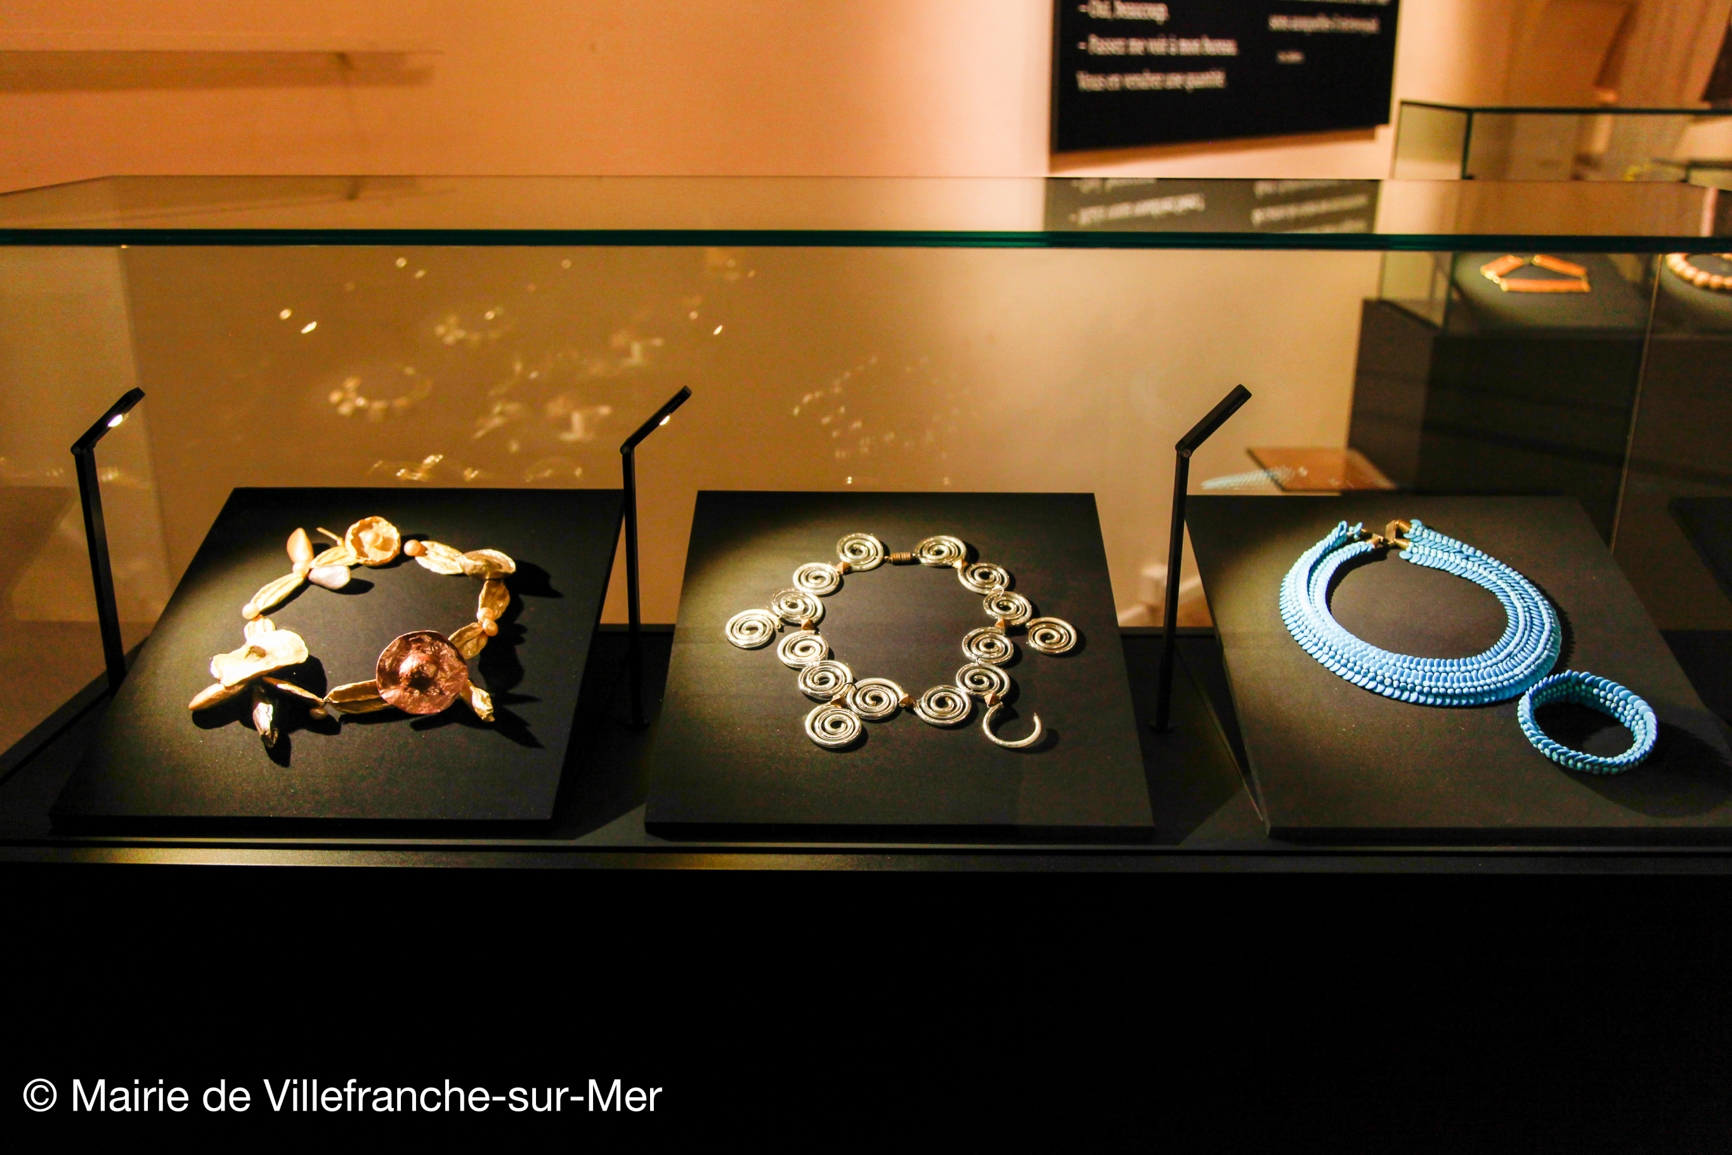 Les bijoux d'Elsa Triolet. Photo courtoisie (c) Mairie de Villefranche-sur-Mer